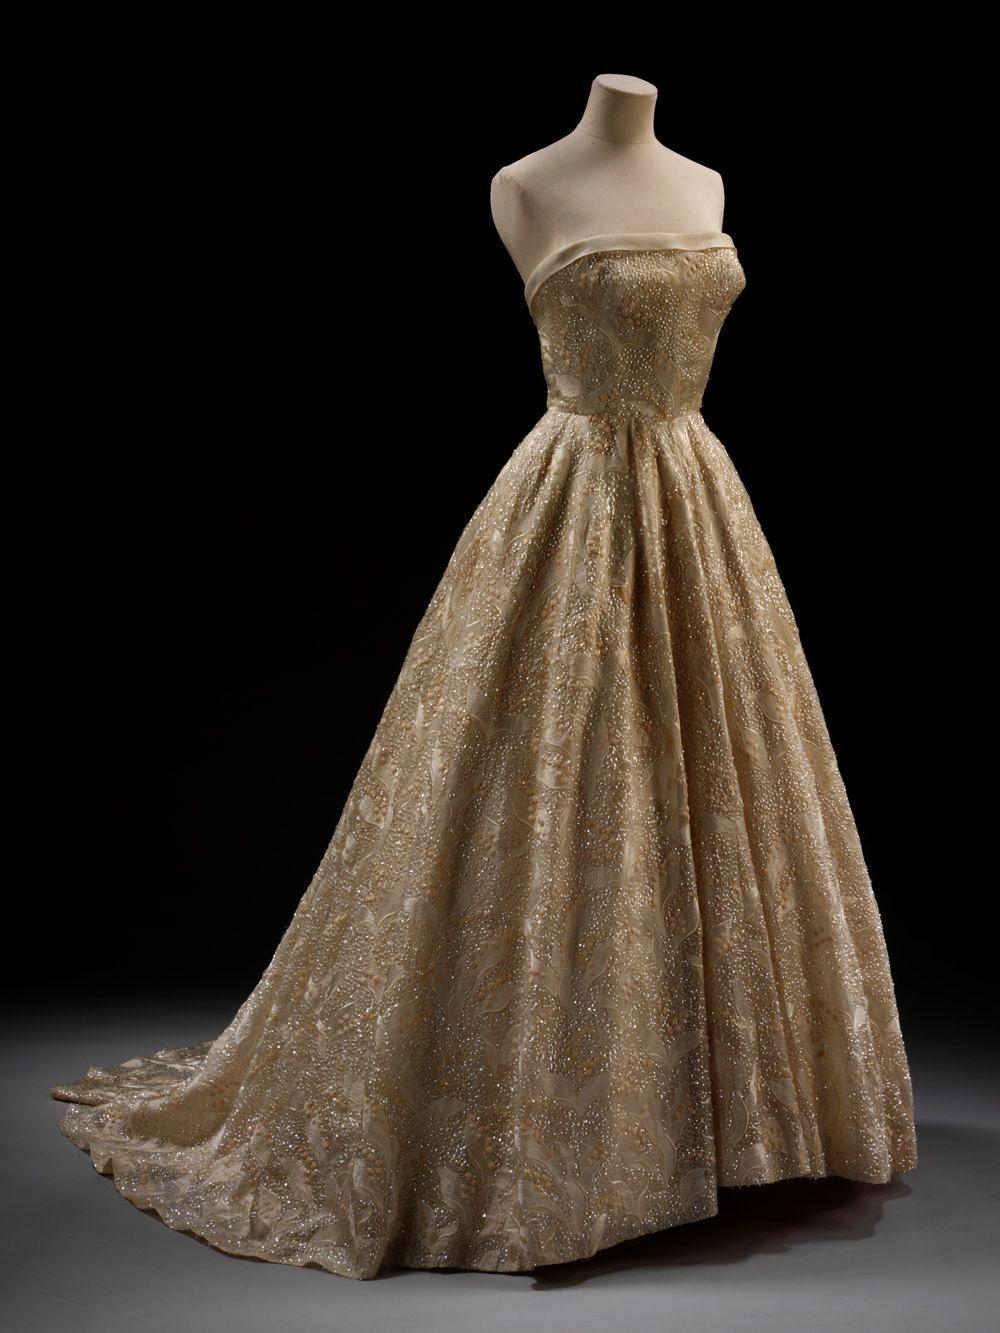 Pin ue formal dresses short black marvelous crochet dresses